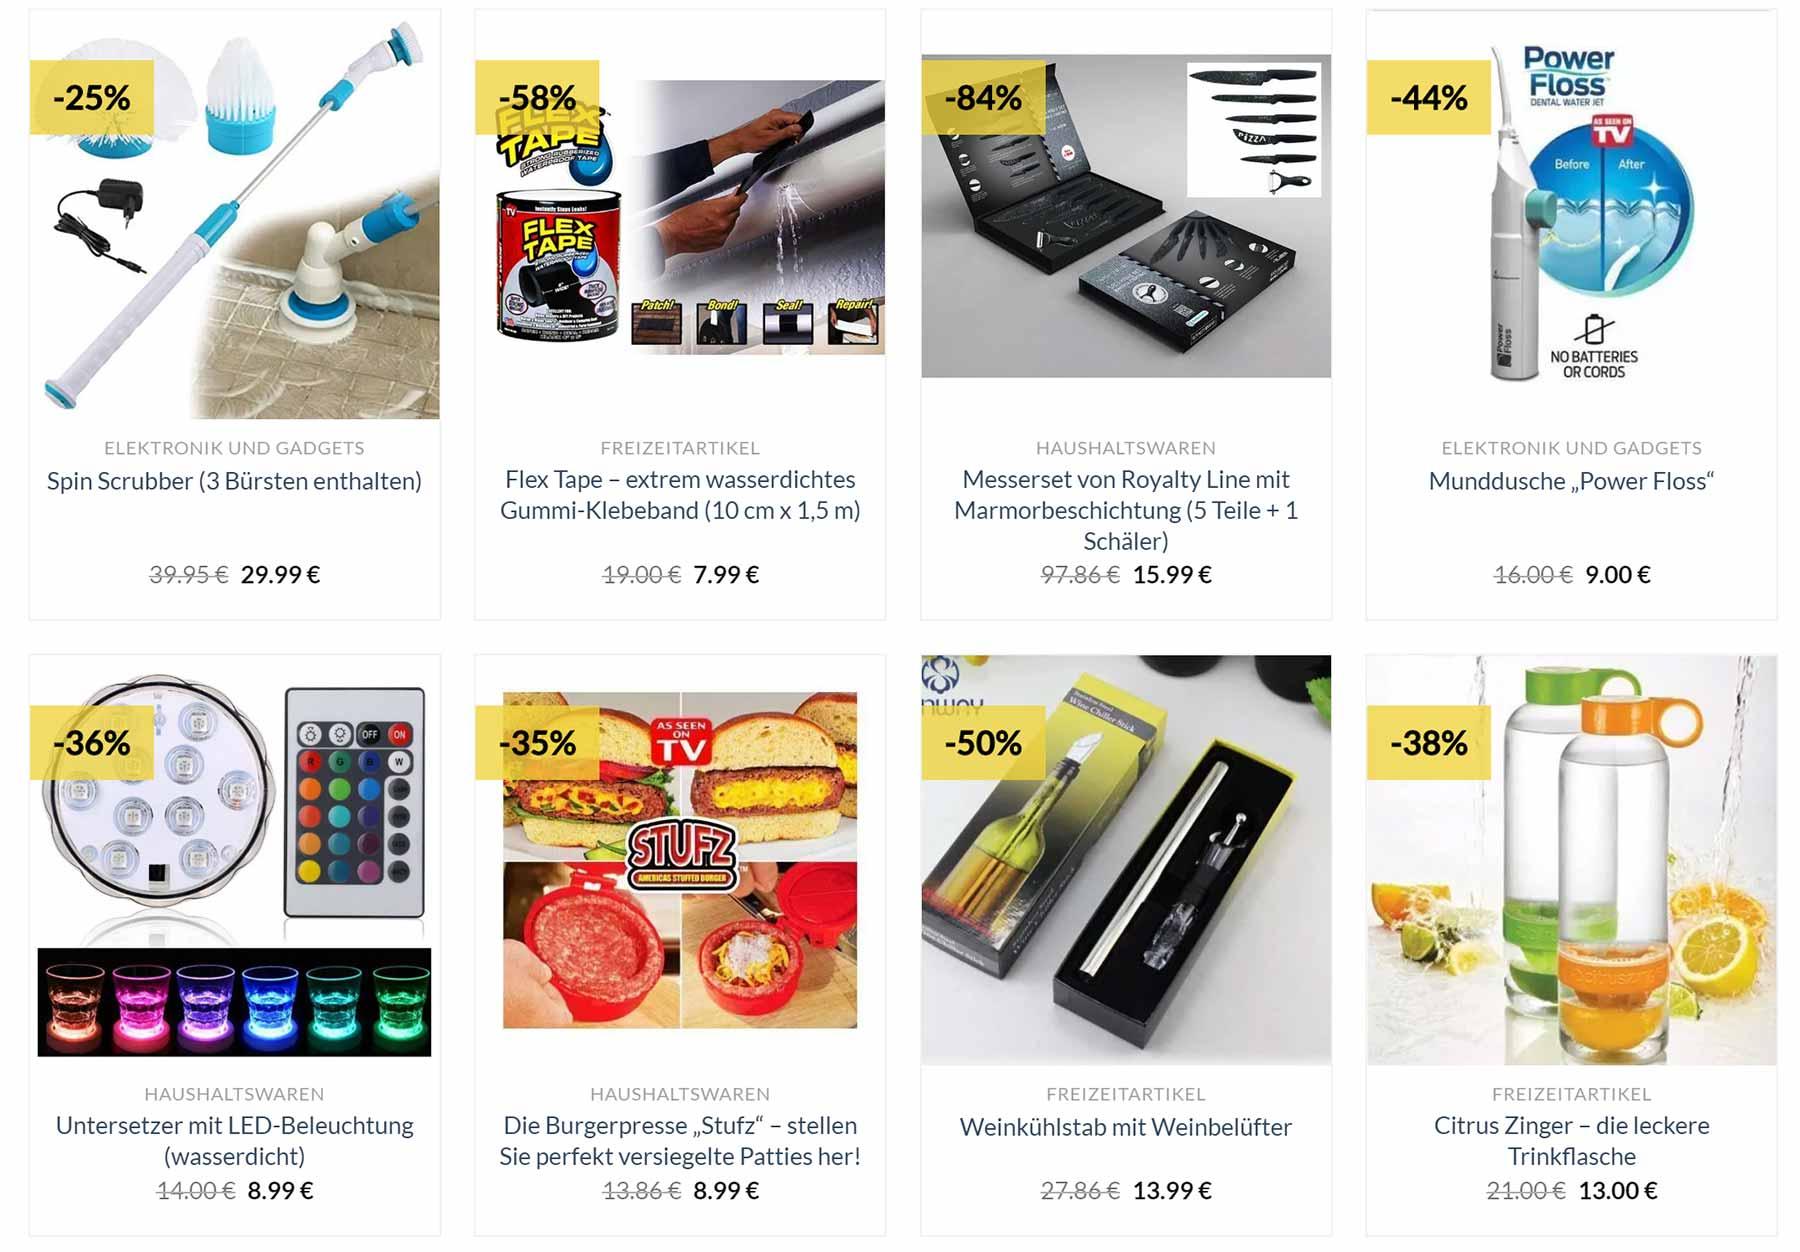 Kurzweilige Haushaltswaren online bei CheapCharly kaufen cheapcharly-haushaltswaren_02